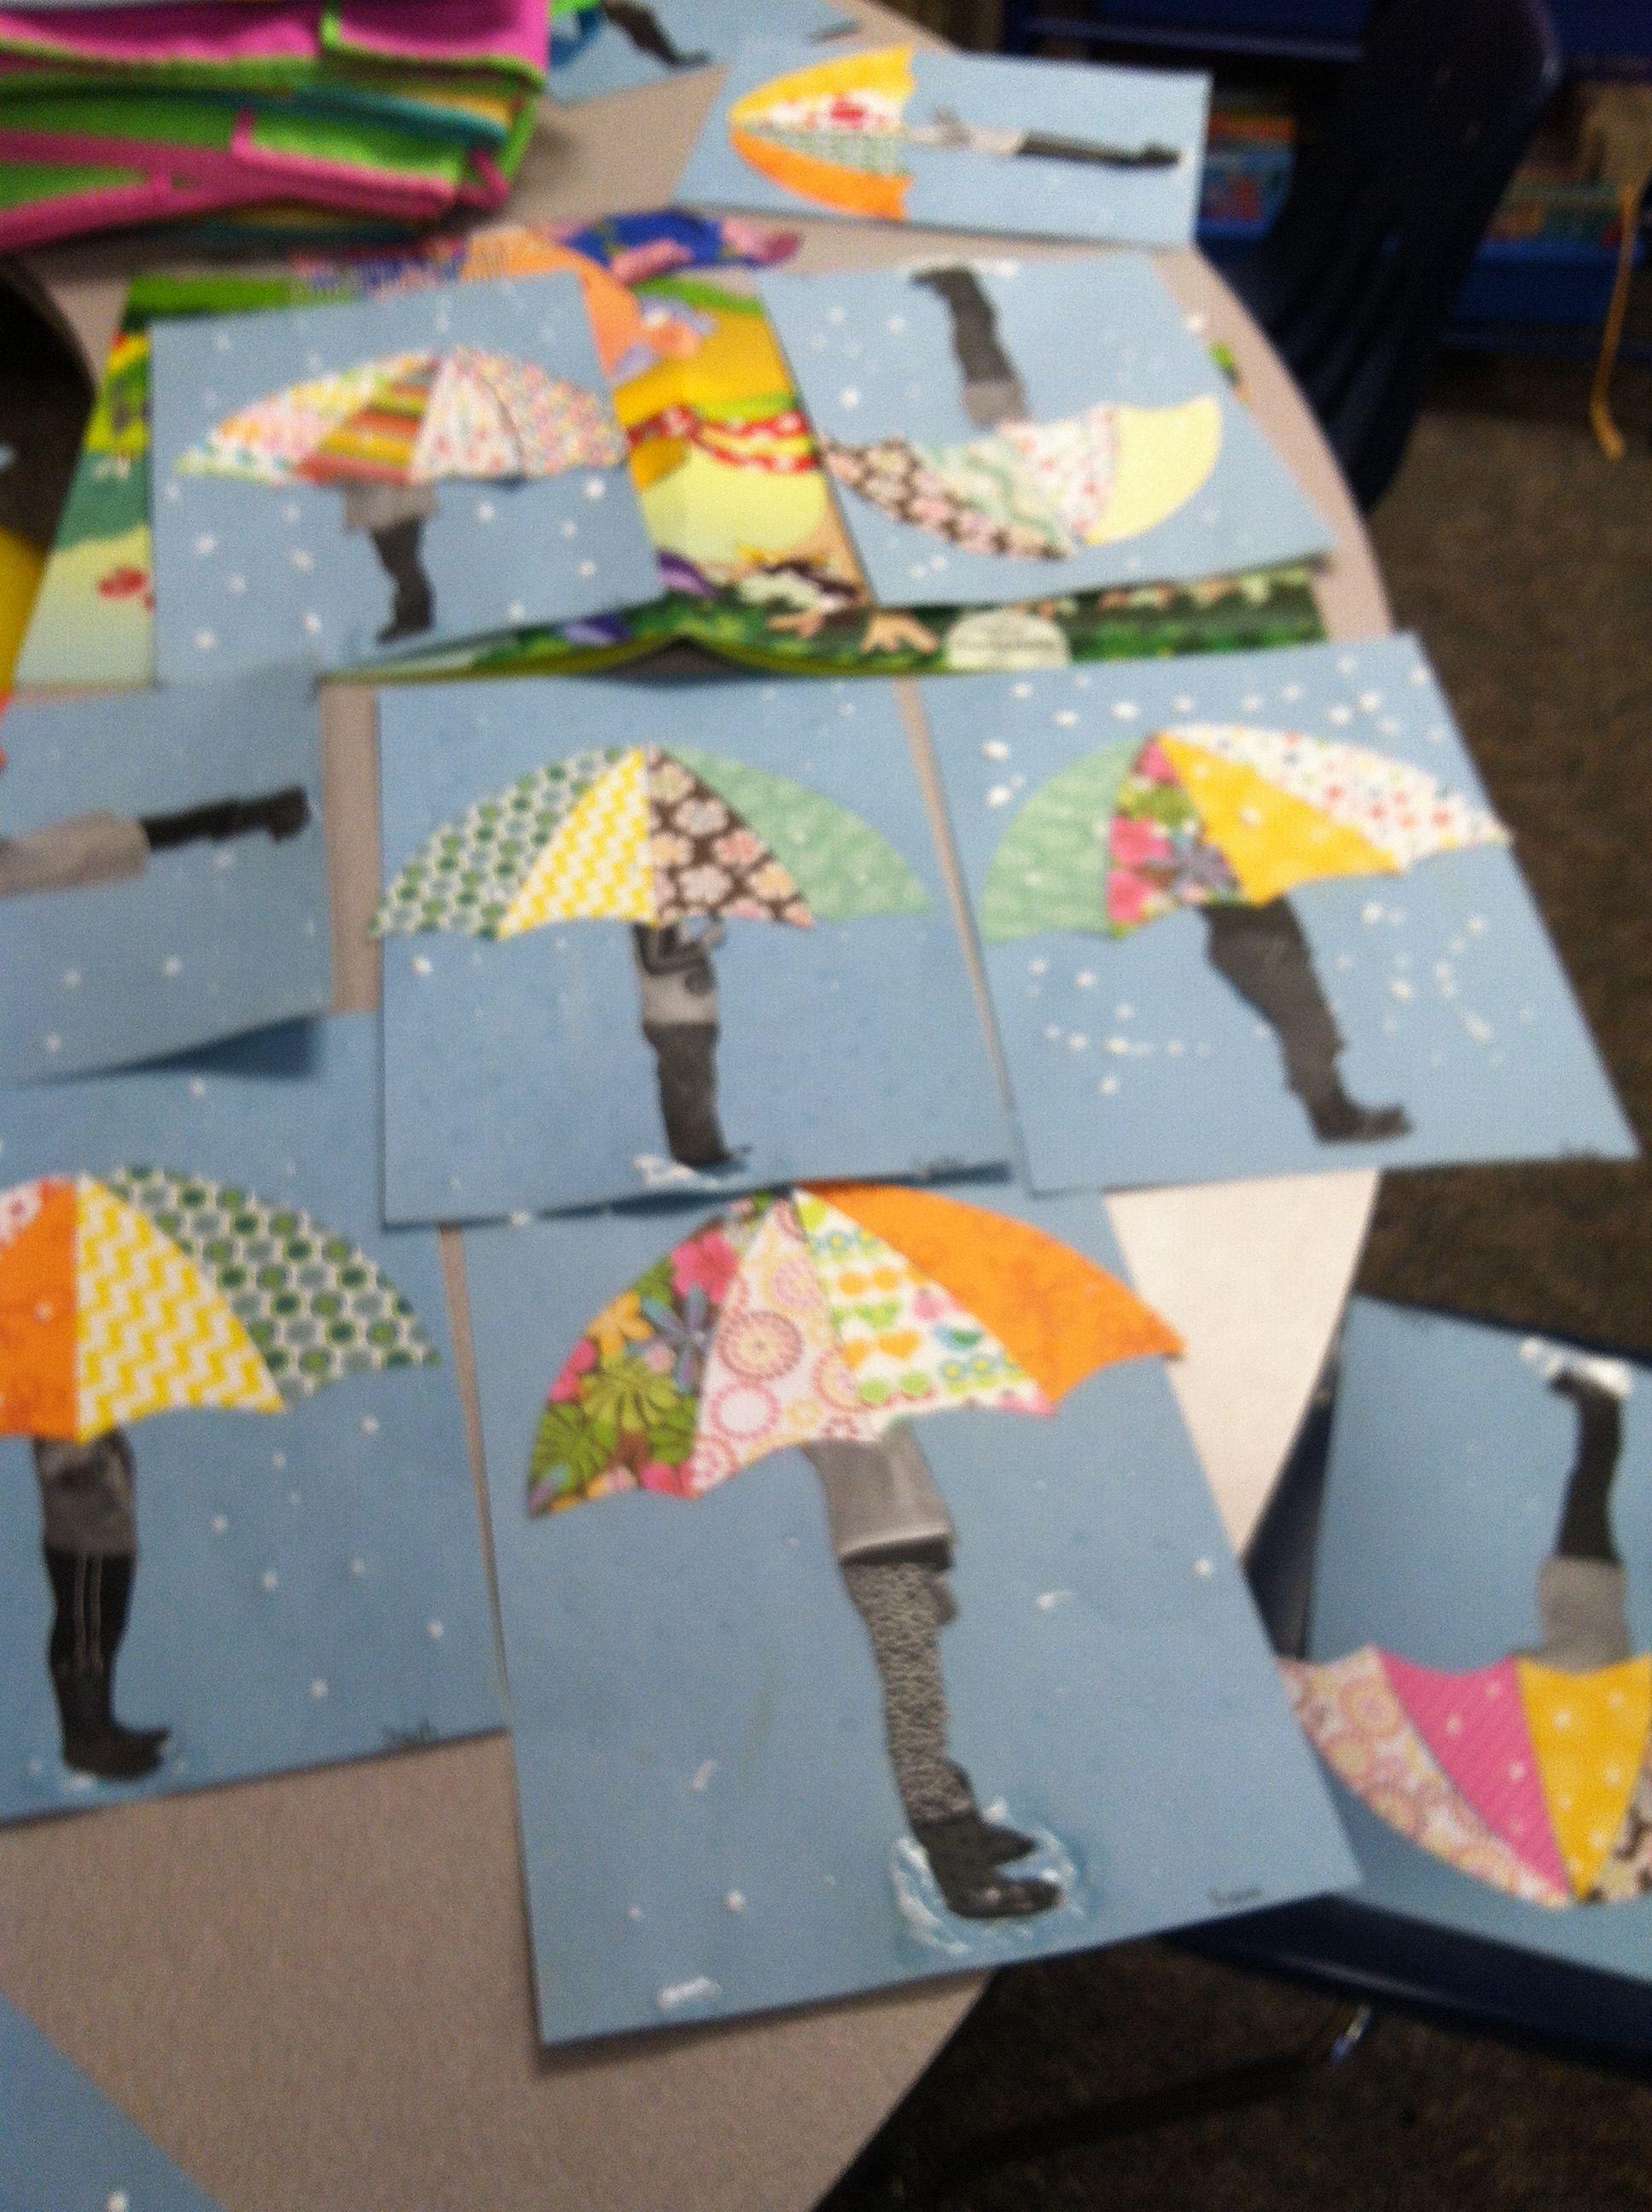 umbrella art april showers  kunstprojekte frühling